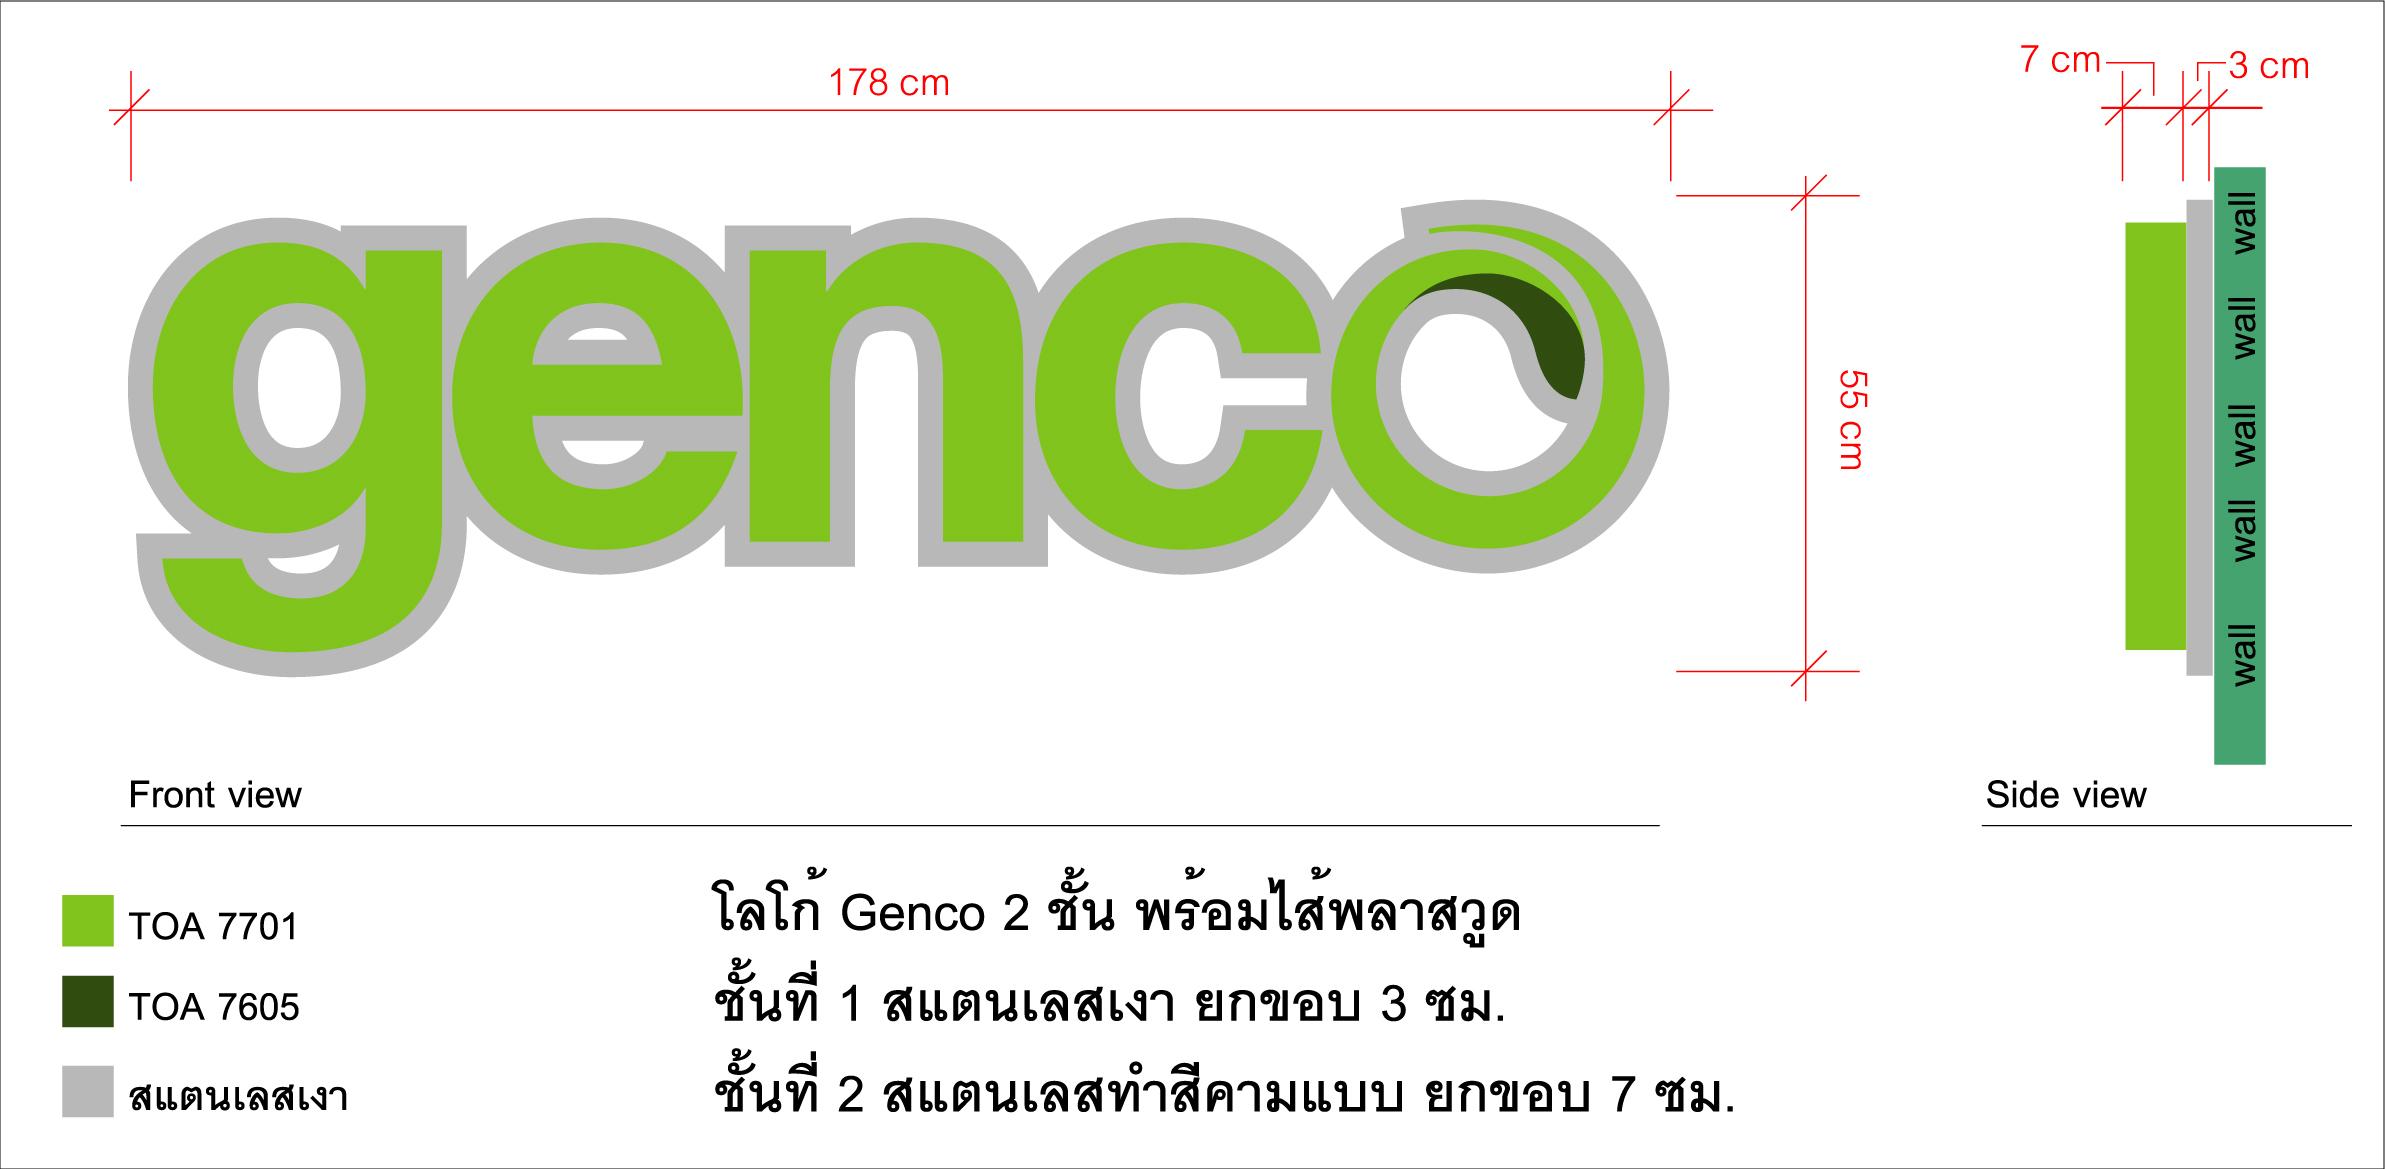 สแตนเลส, ตัวอักษร, โลหะ, ทำสี, Genco, บริษัท บริหารและพัฒนา เพื่อการอนุรักษ์สิ่งแวดล้อม